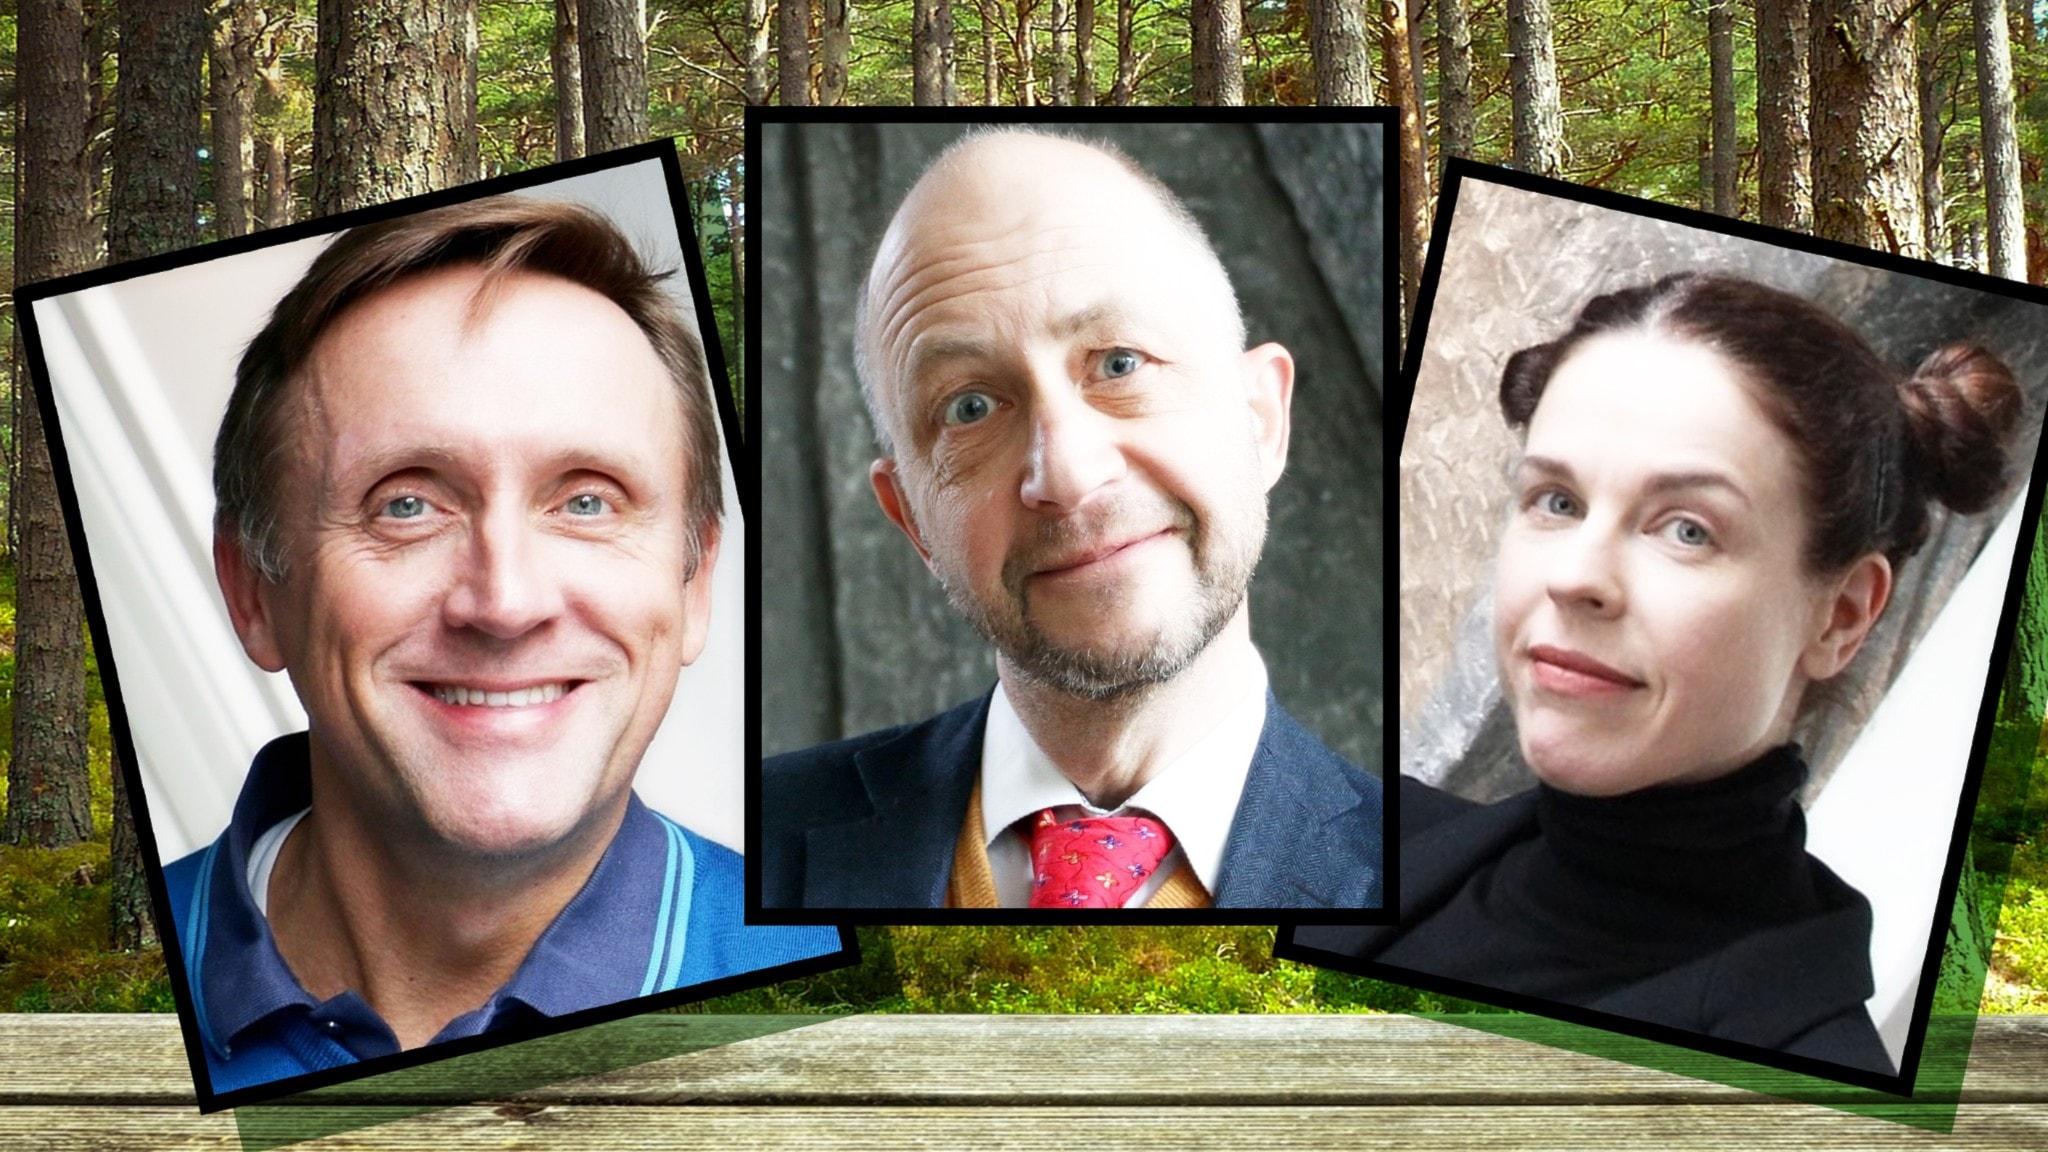 Säsongspremiär för Spanarna hösten 2020 - i panelen som syns på bilden är Göran Everdahl, Per Naroskin och Jessika Gedin synliga mot en bakgrund av trollskog.